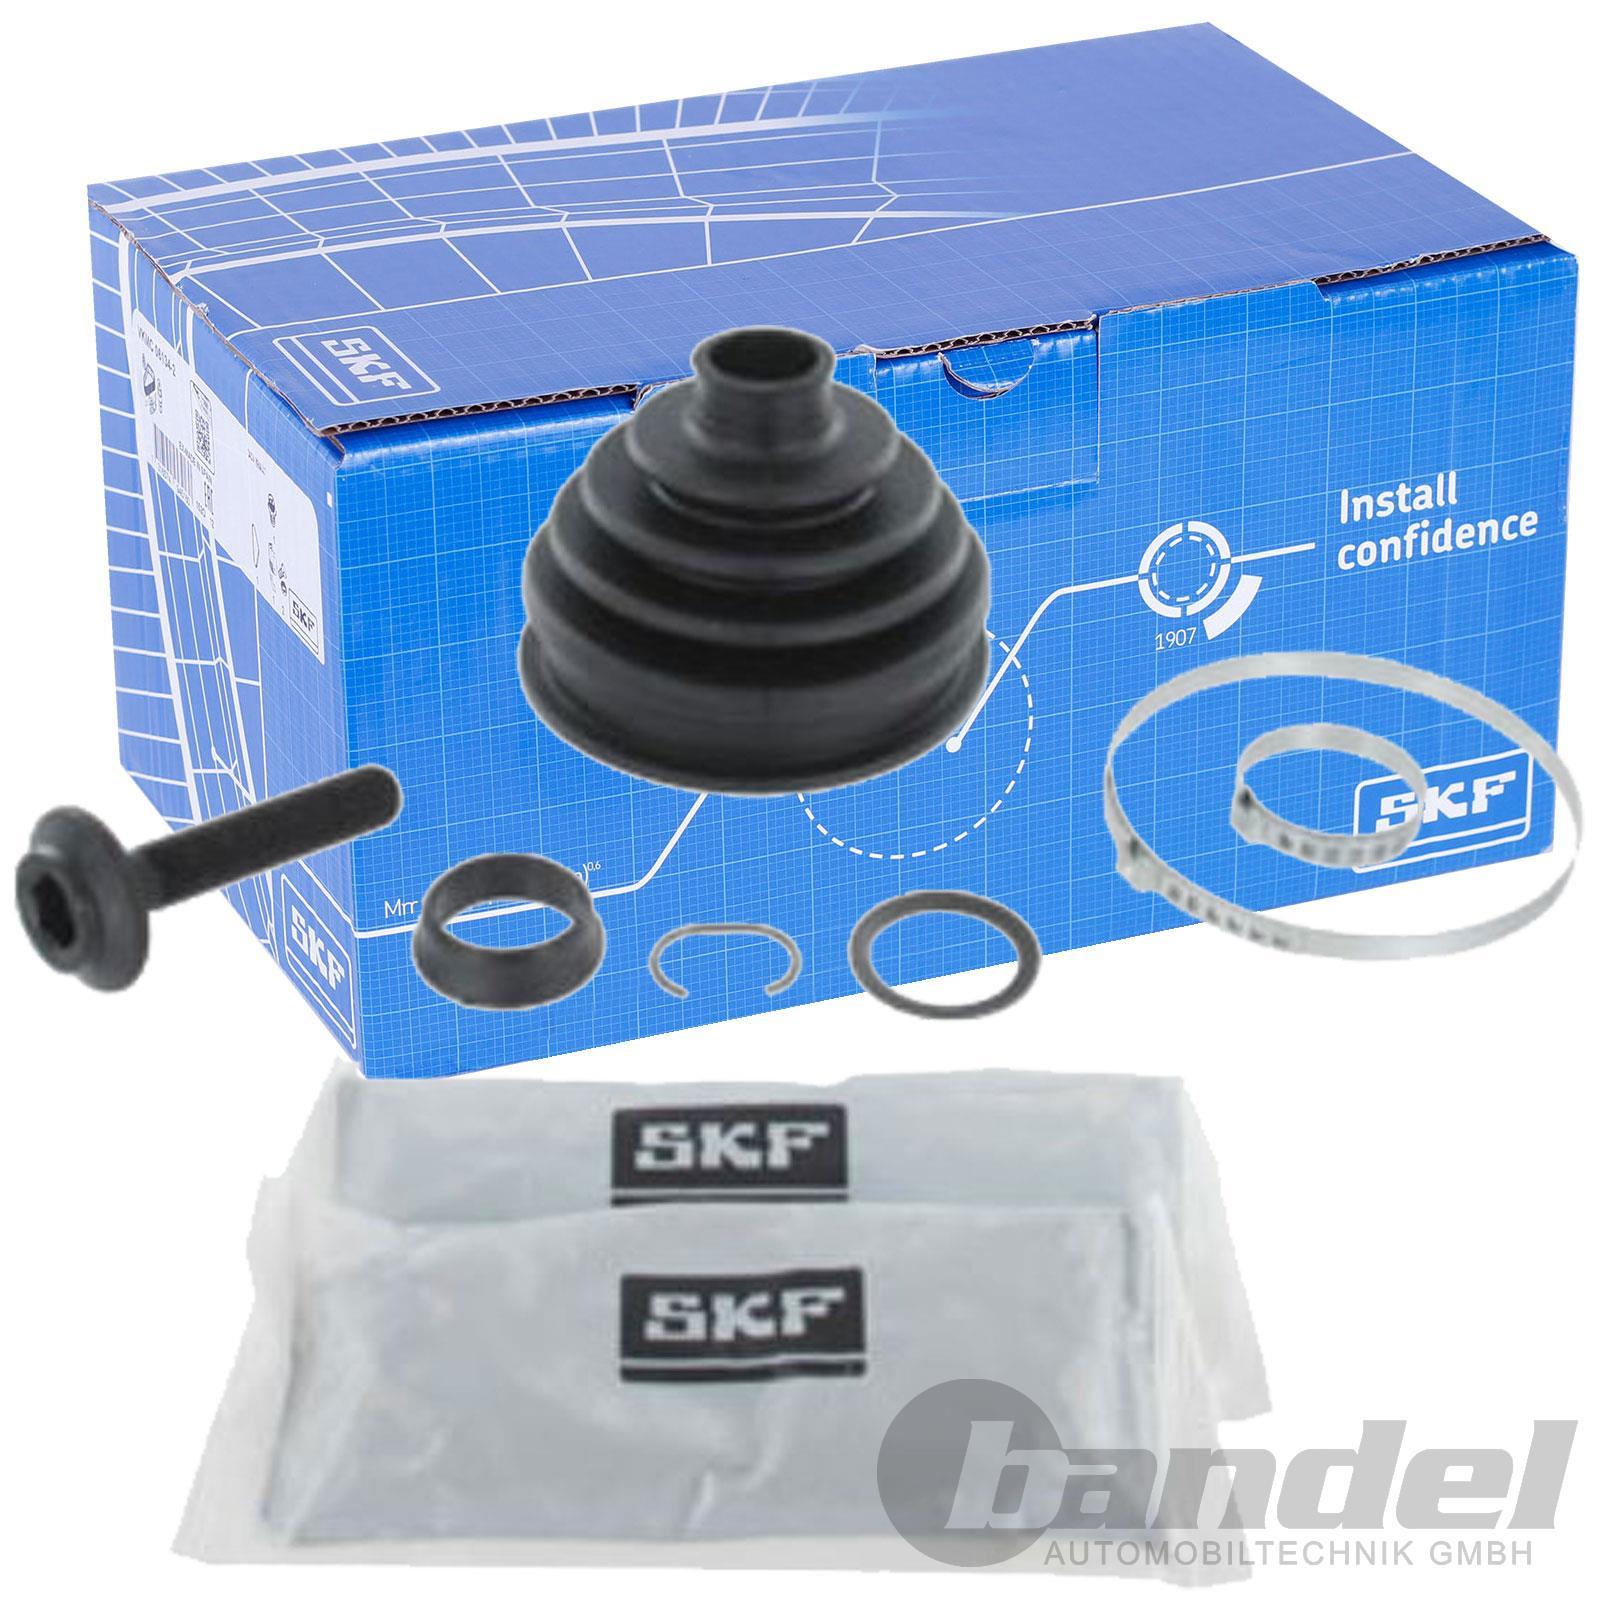 Faltenbalgsatz Antriebswelle für Radantrieb Vorderachse SKF VKJP 3138